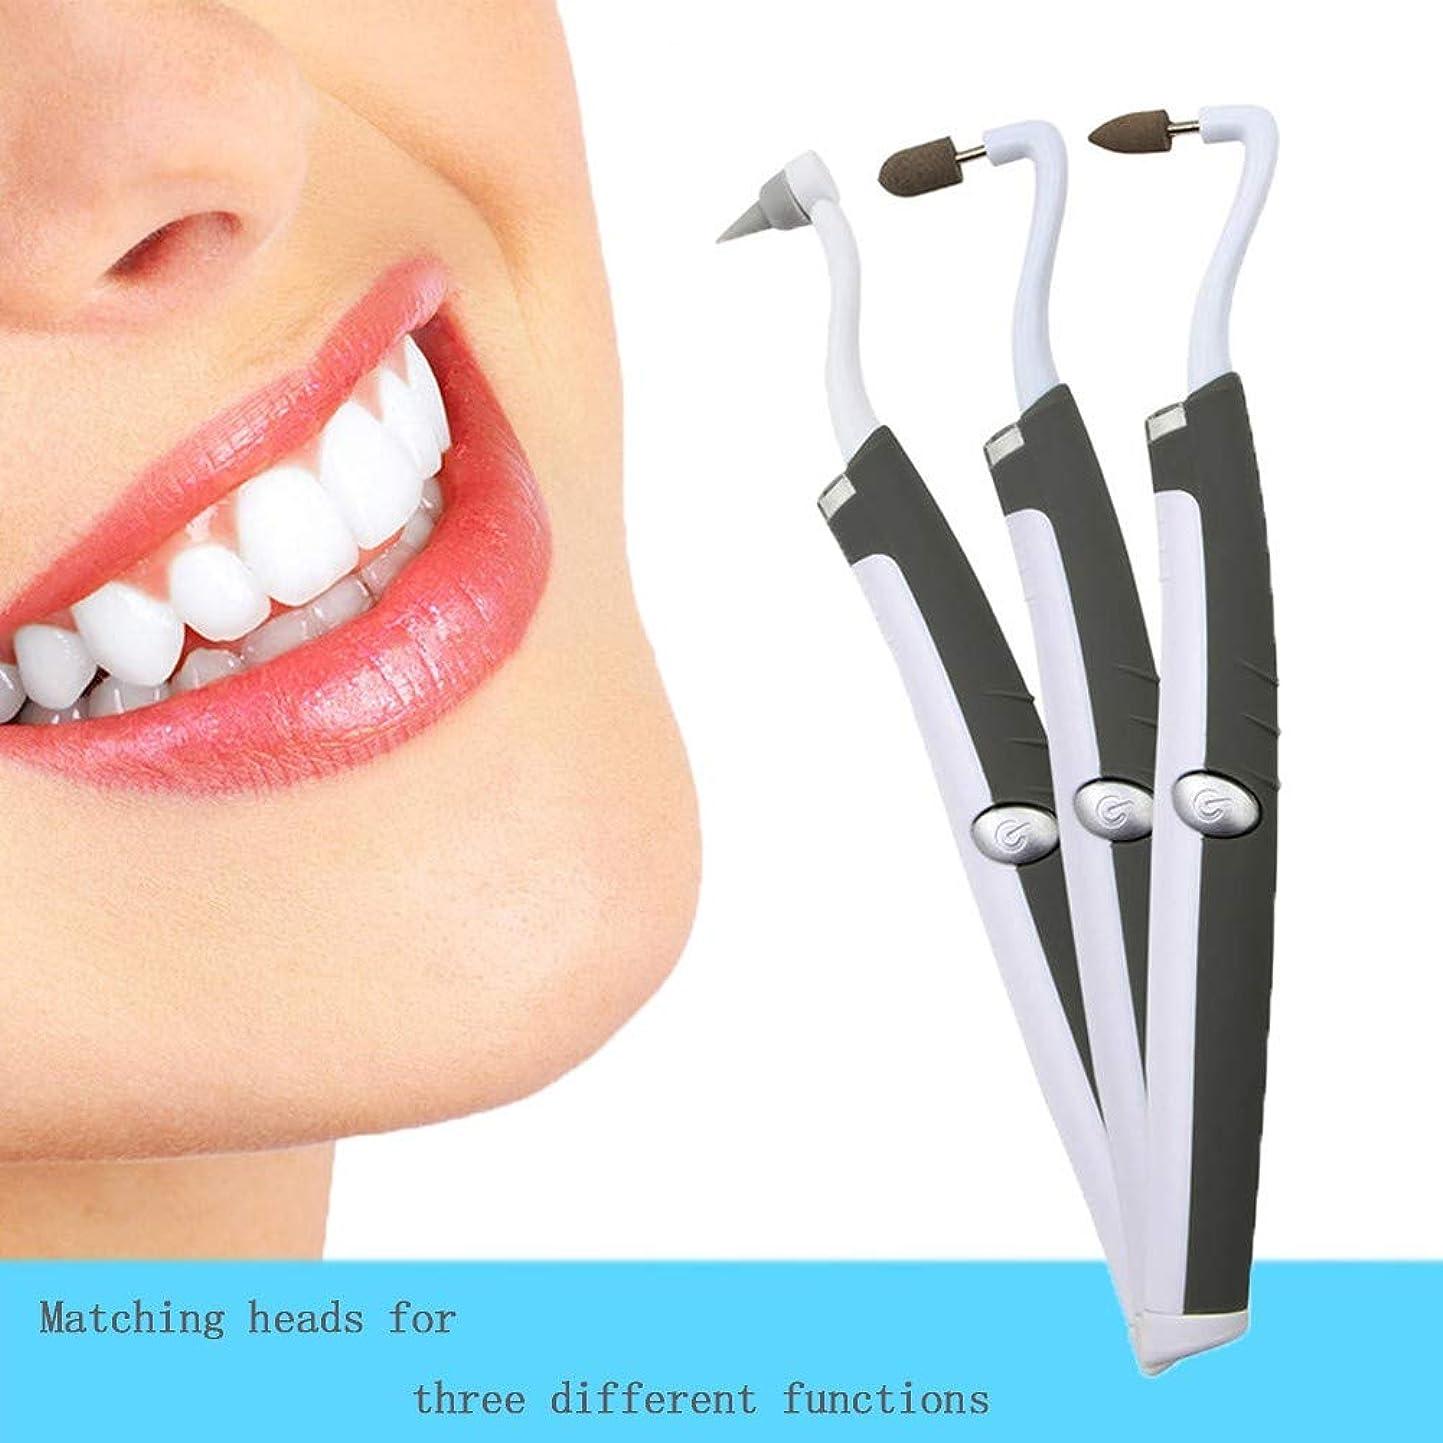 貢献キウイ肥満歯石除去剤-変色を取り除き、歯を白くする歯石除去剤歯石が歯を除去しますポーランドのスリップが歯垢の汚れを防ぎます(3頭)